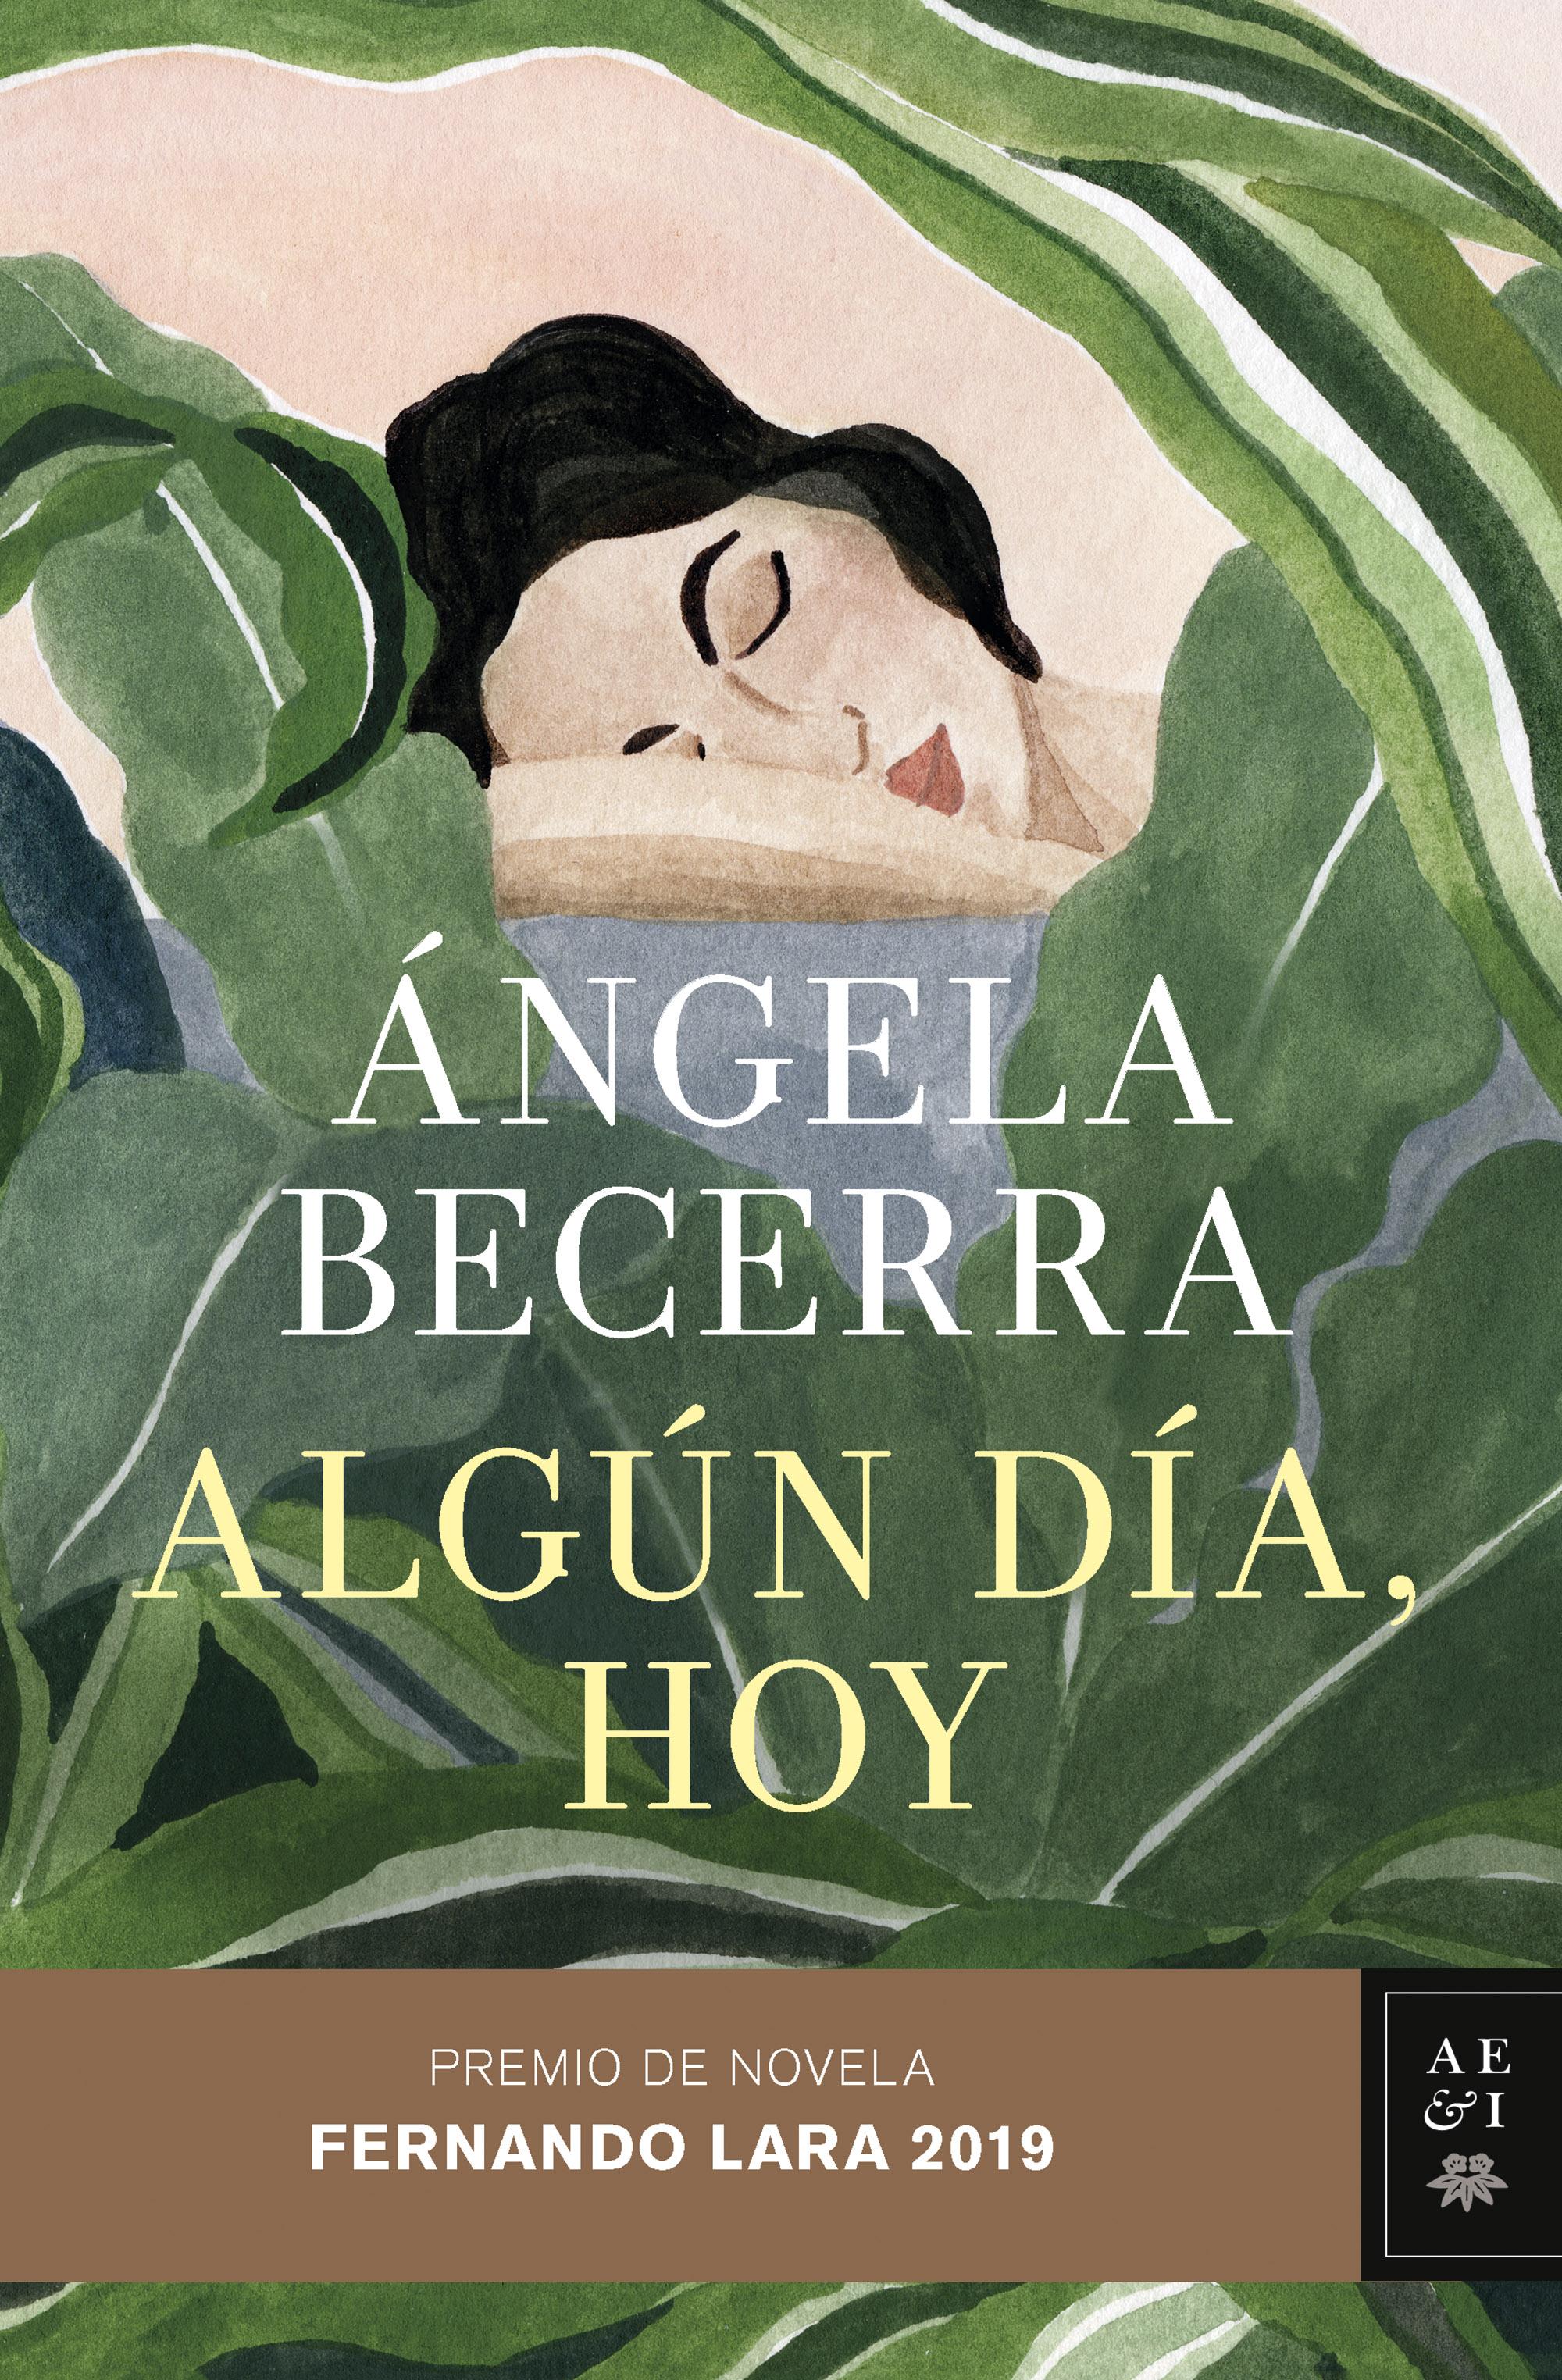 """""""Algún día, hoy"""", de Ángela Becerra, Premio de Novela Fernando Lara 2019, relata la historia real de una mujer que ayudó a cambiar el mundo."""